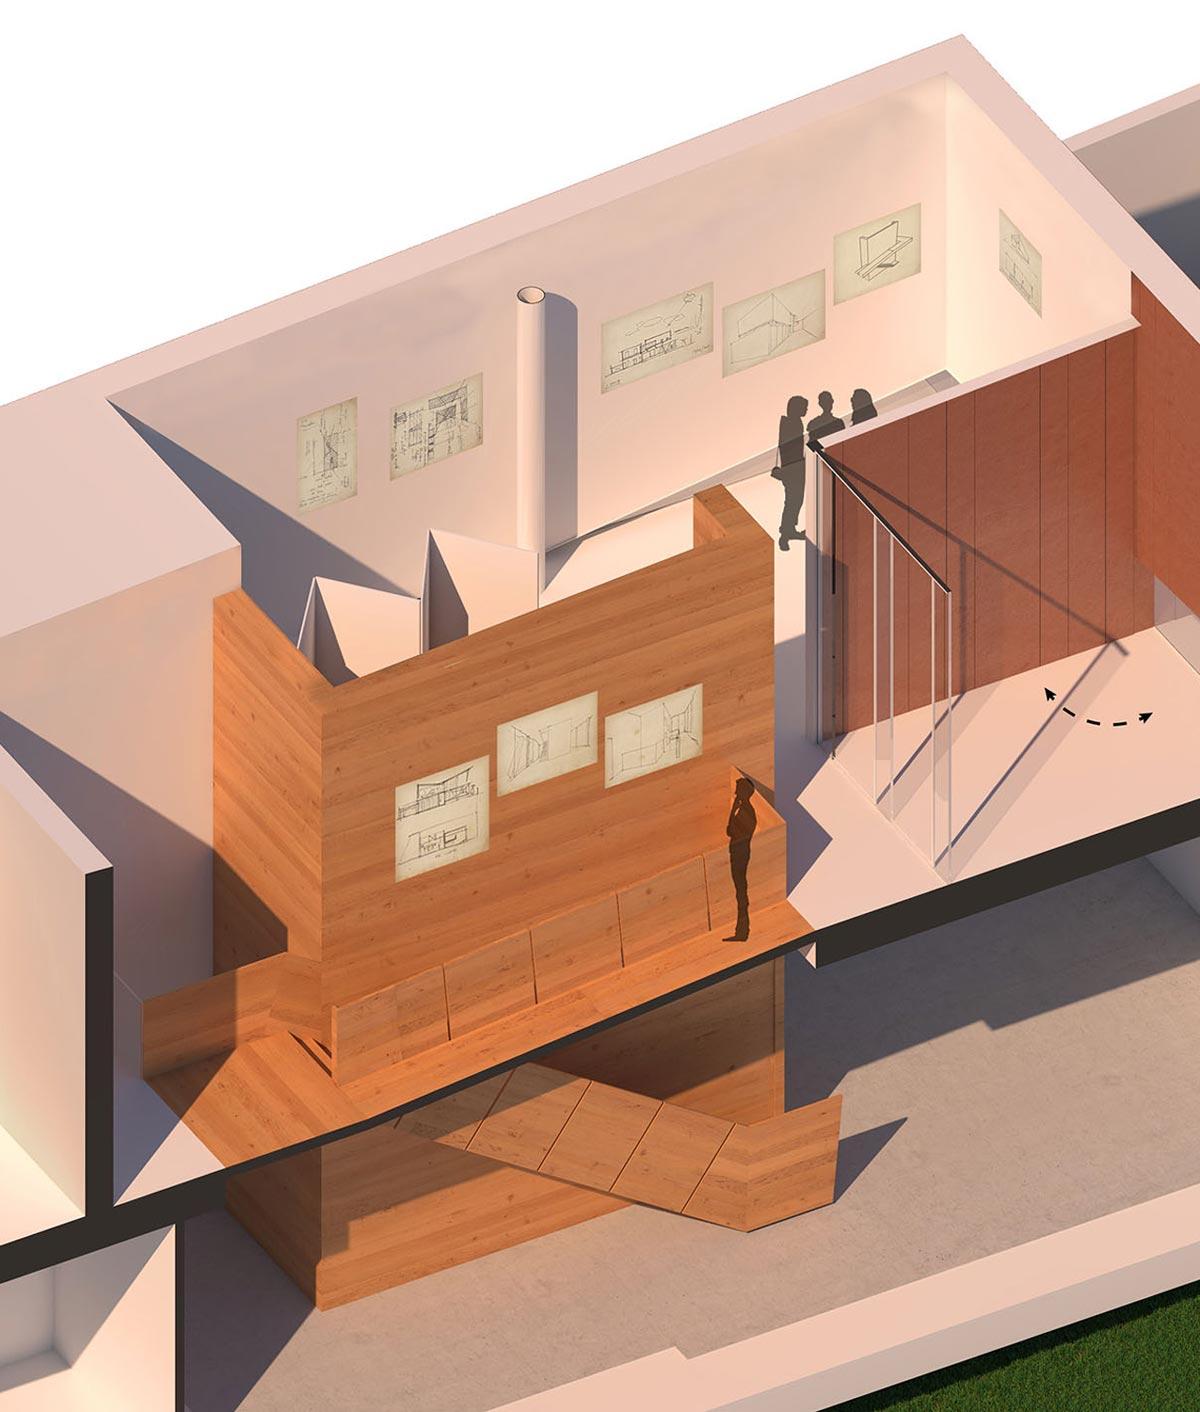 Schema tridimensionale della passerella che collega i vari piani e di un utente che visualizza le opere d'arte all'interno